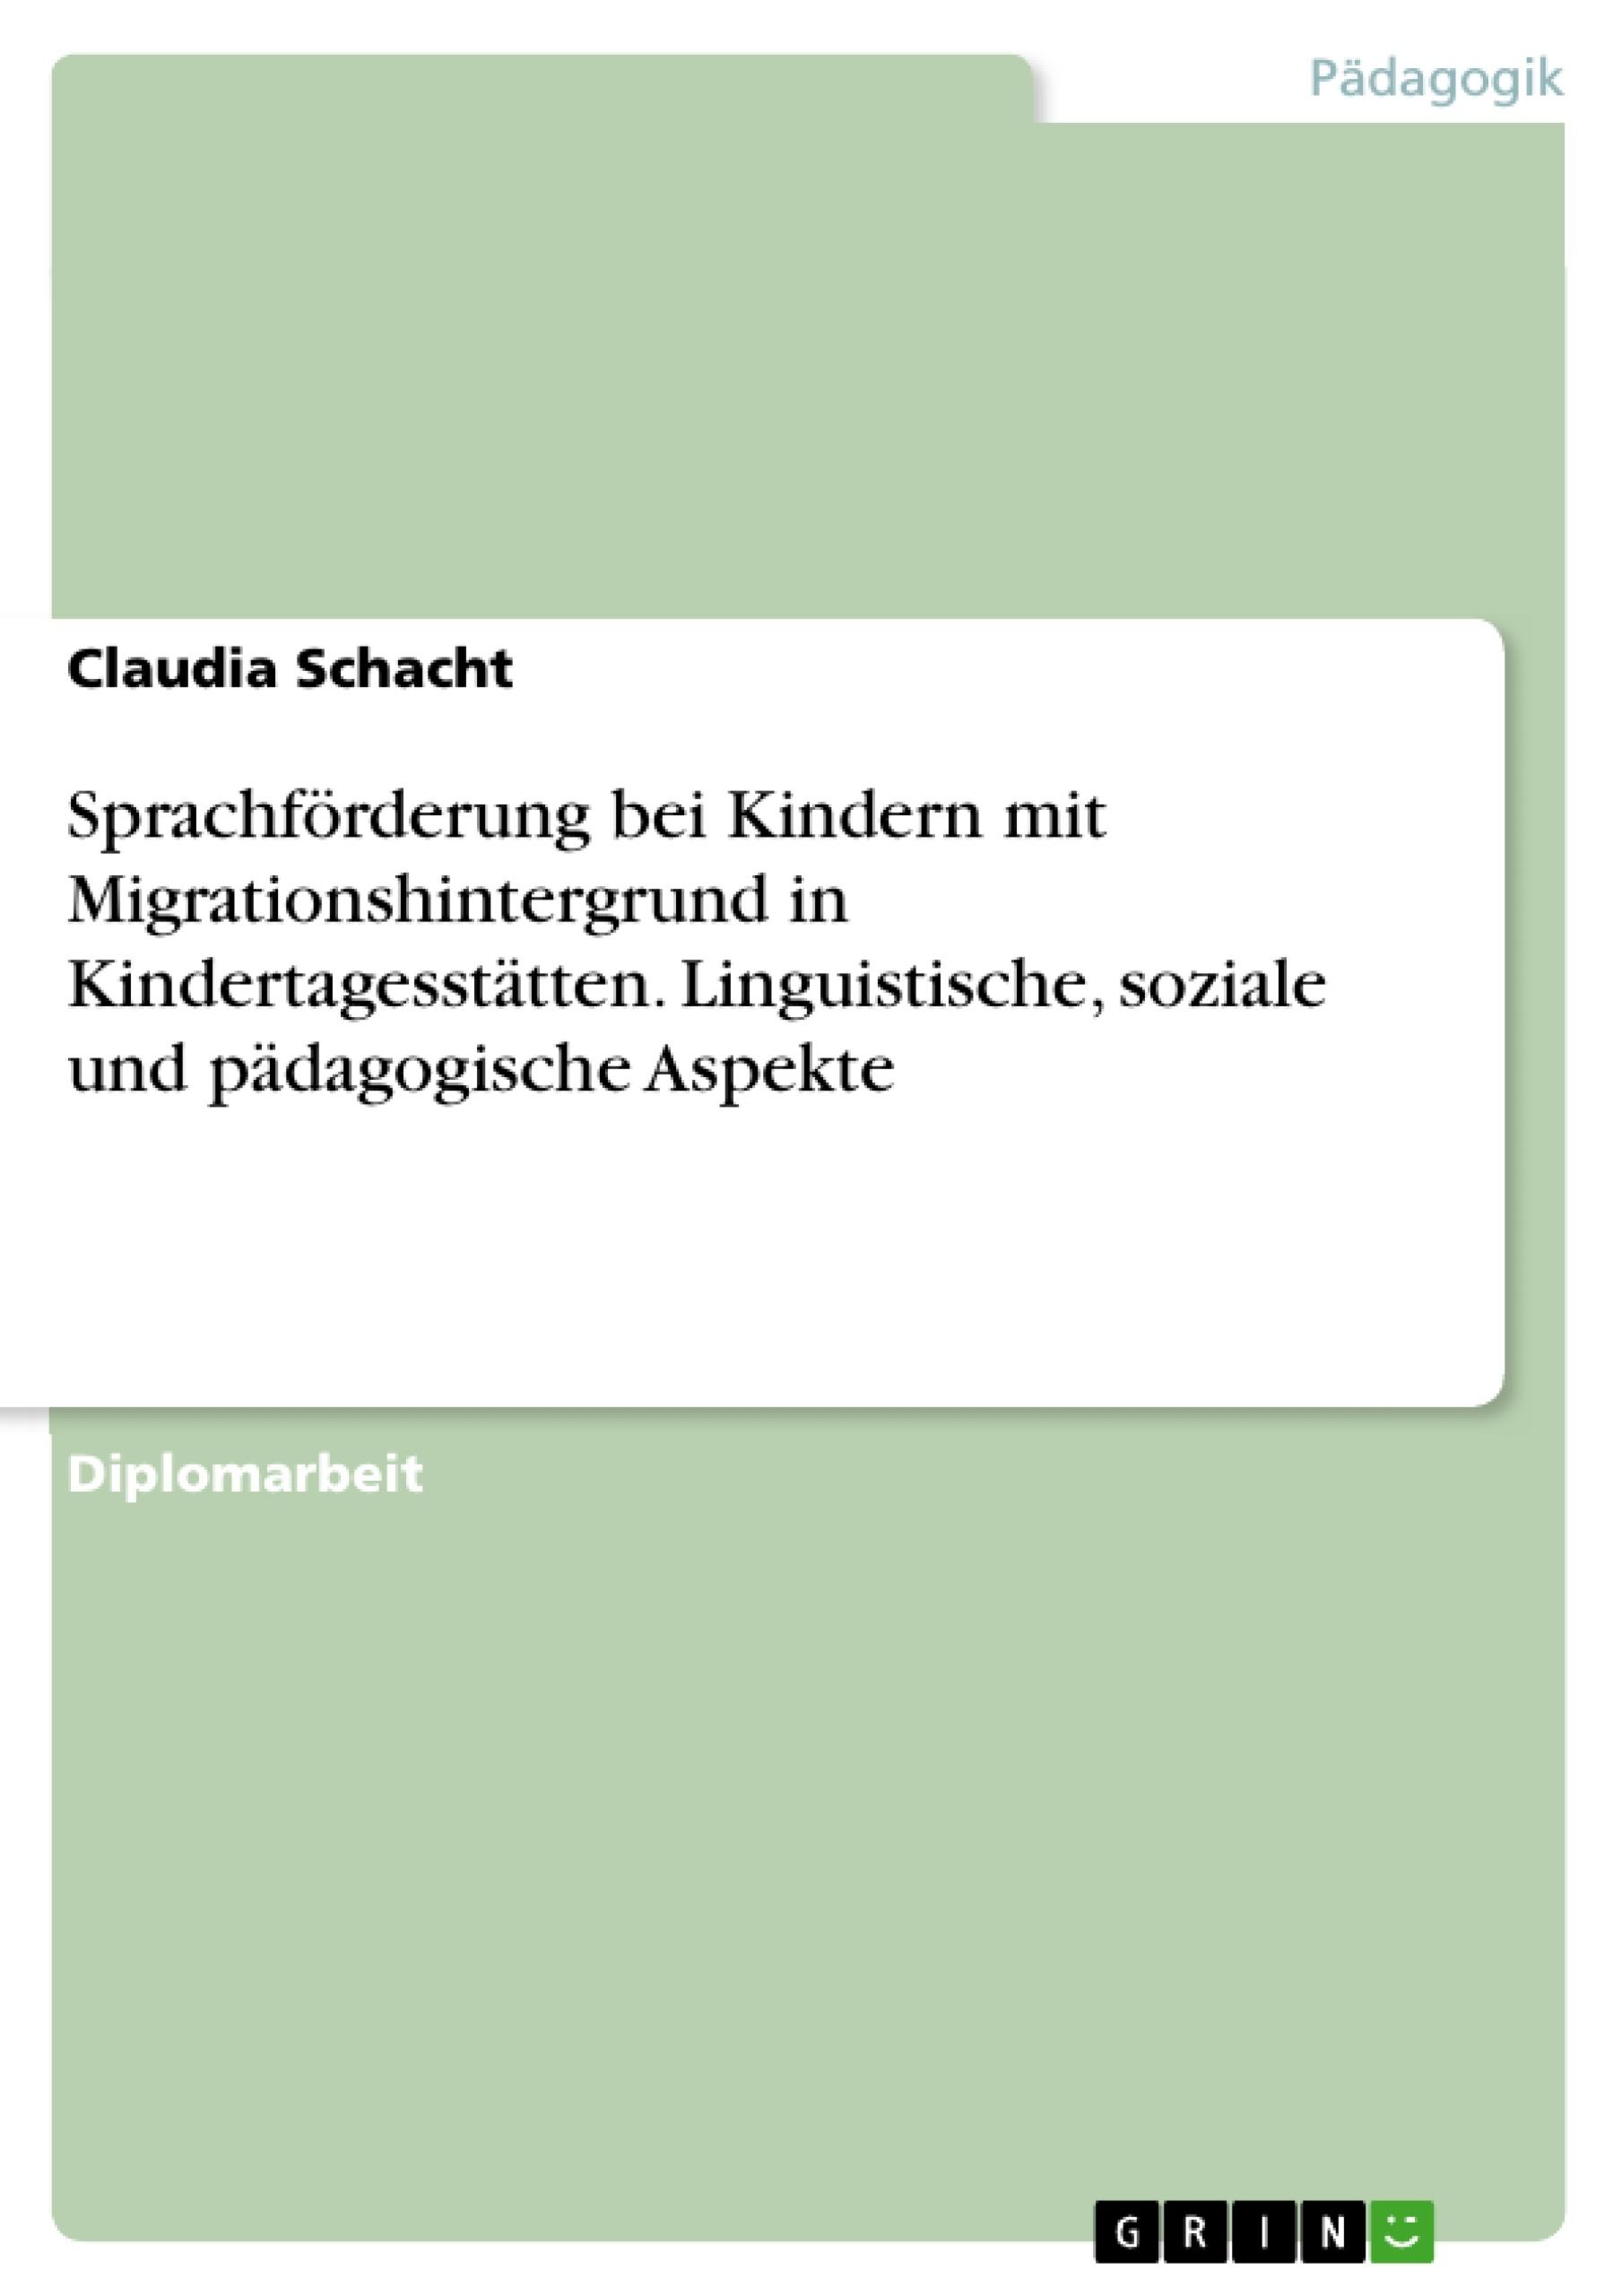 Titel: Sprachförderung bei Kindern mit Migrationshintergrund in Kindertagesstätten. Linguistische, soziale und pädagogische Aspekte